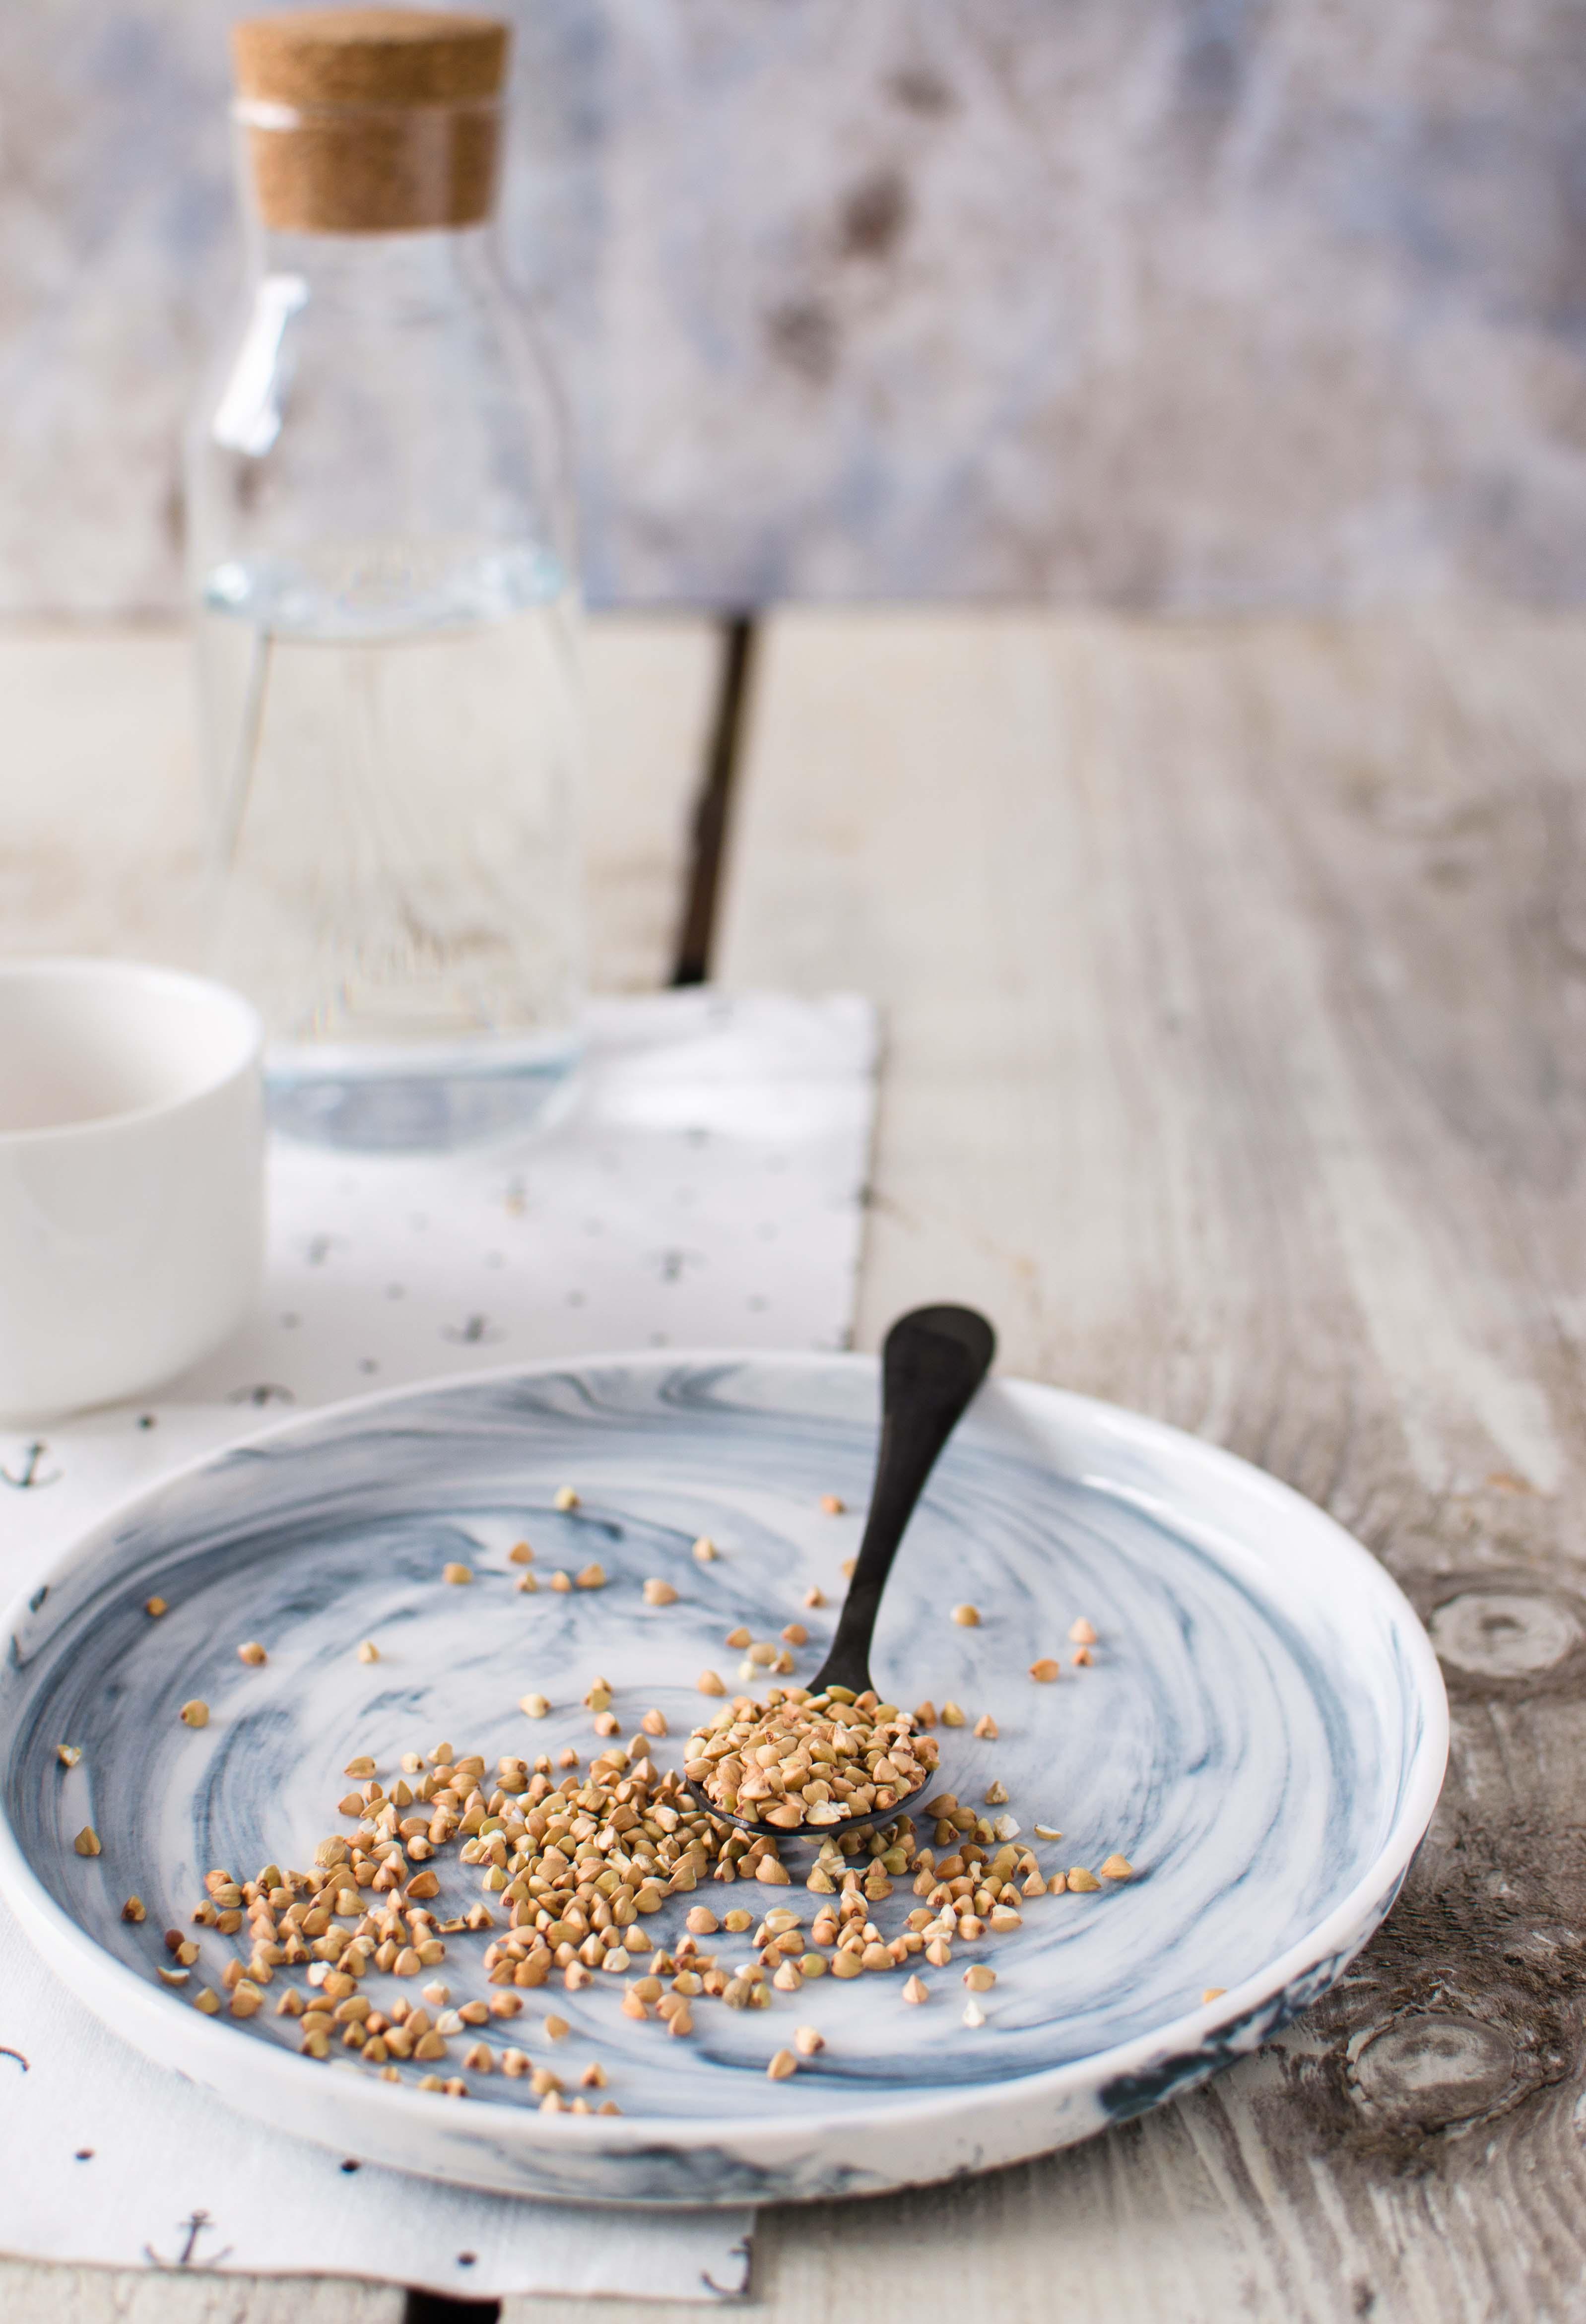 grano-saraceno-decorticato Grano saraceno, lupini e pistacchi